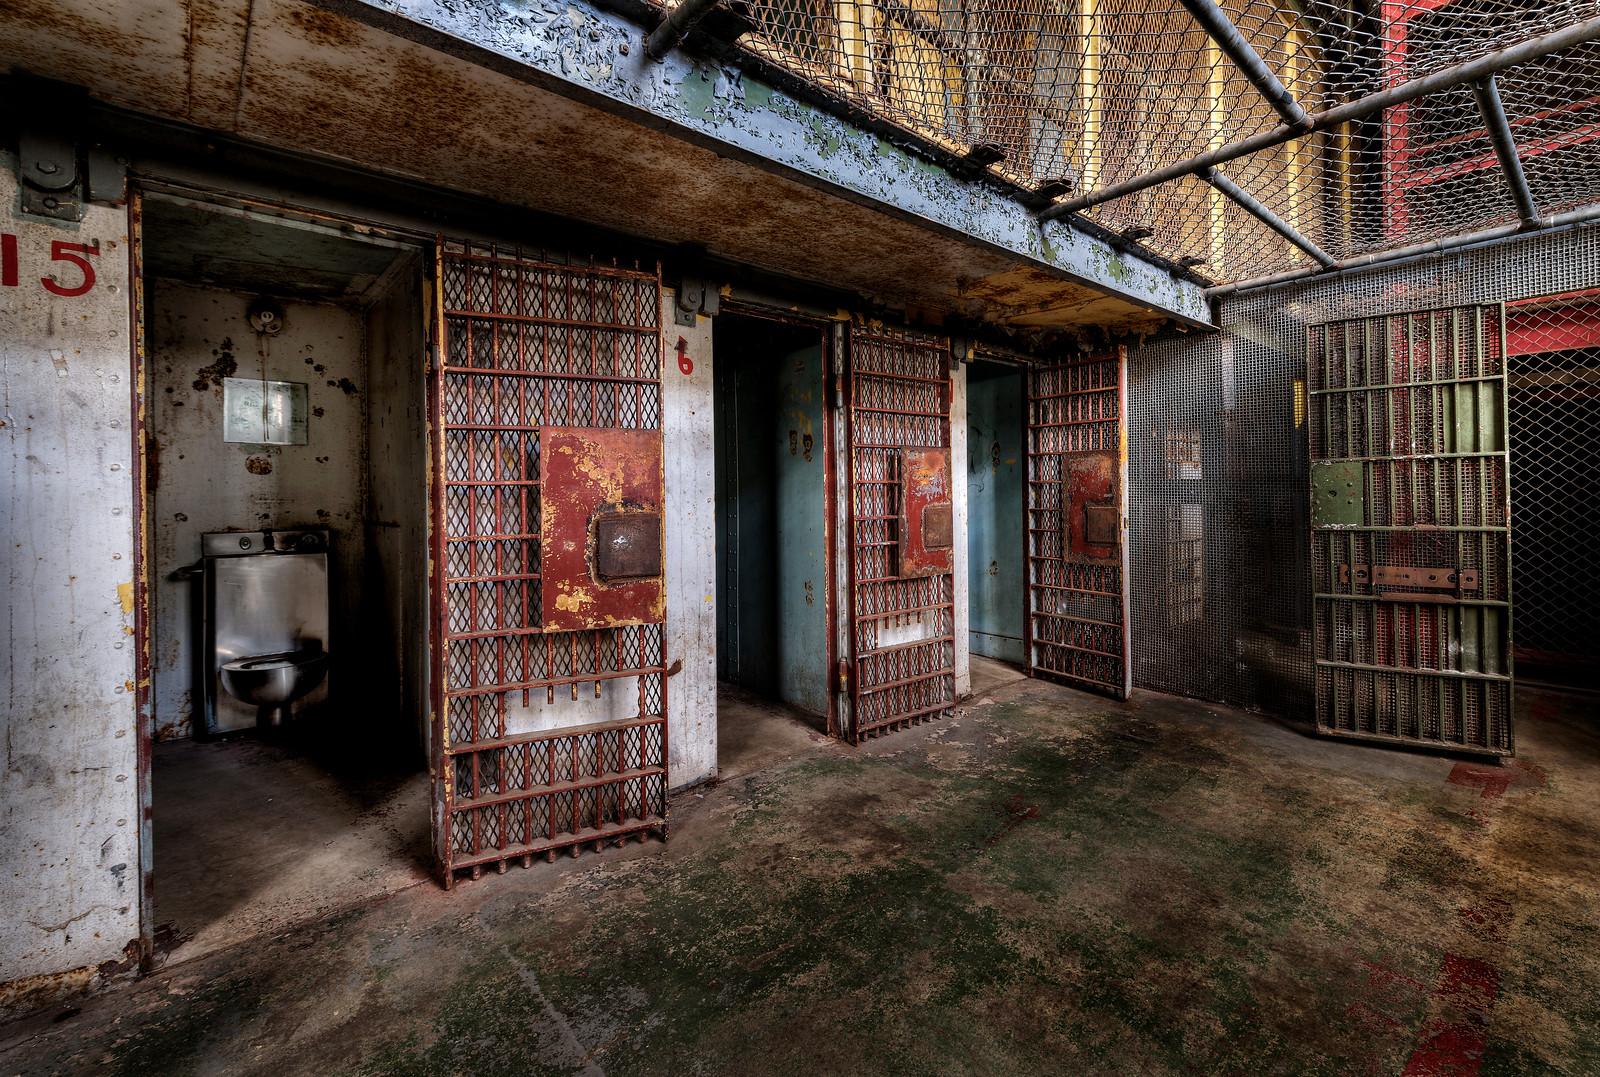 West Virginia Penitentiary Maximum Security